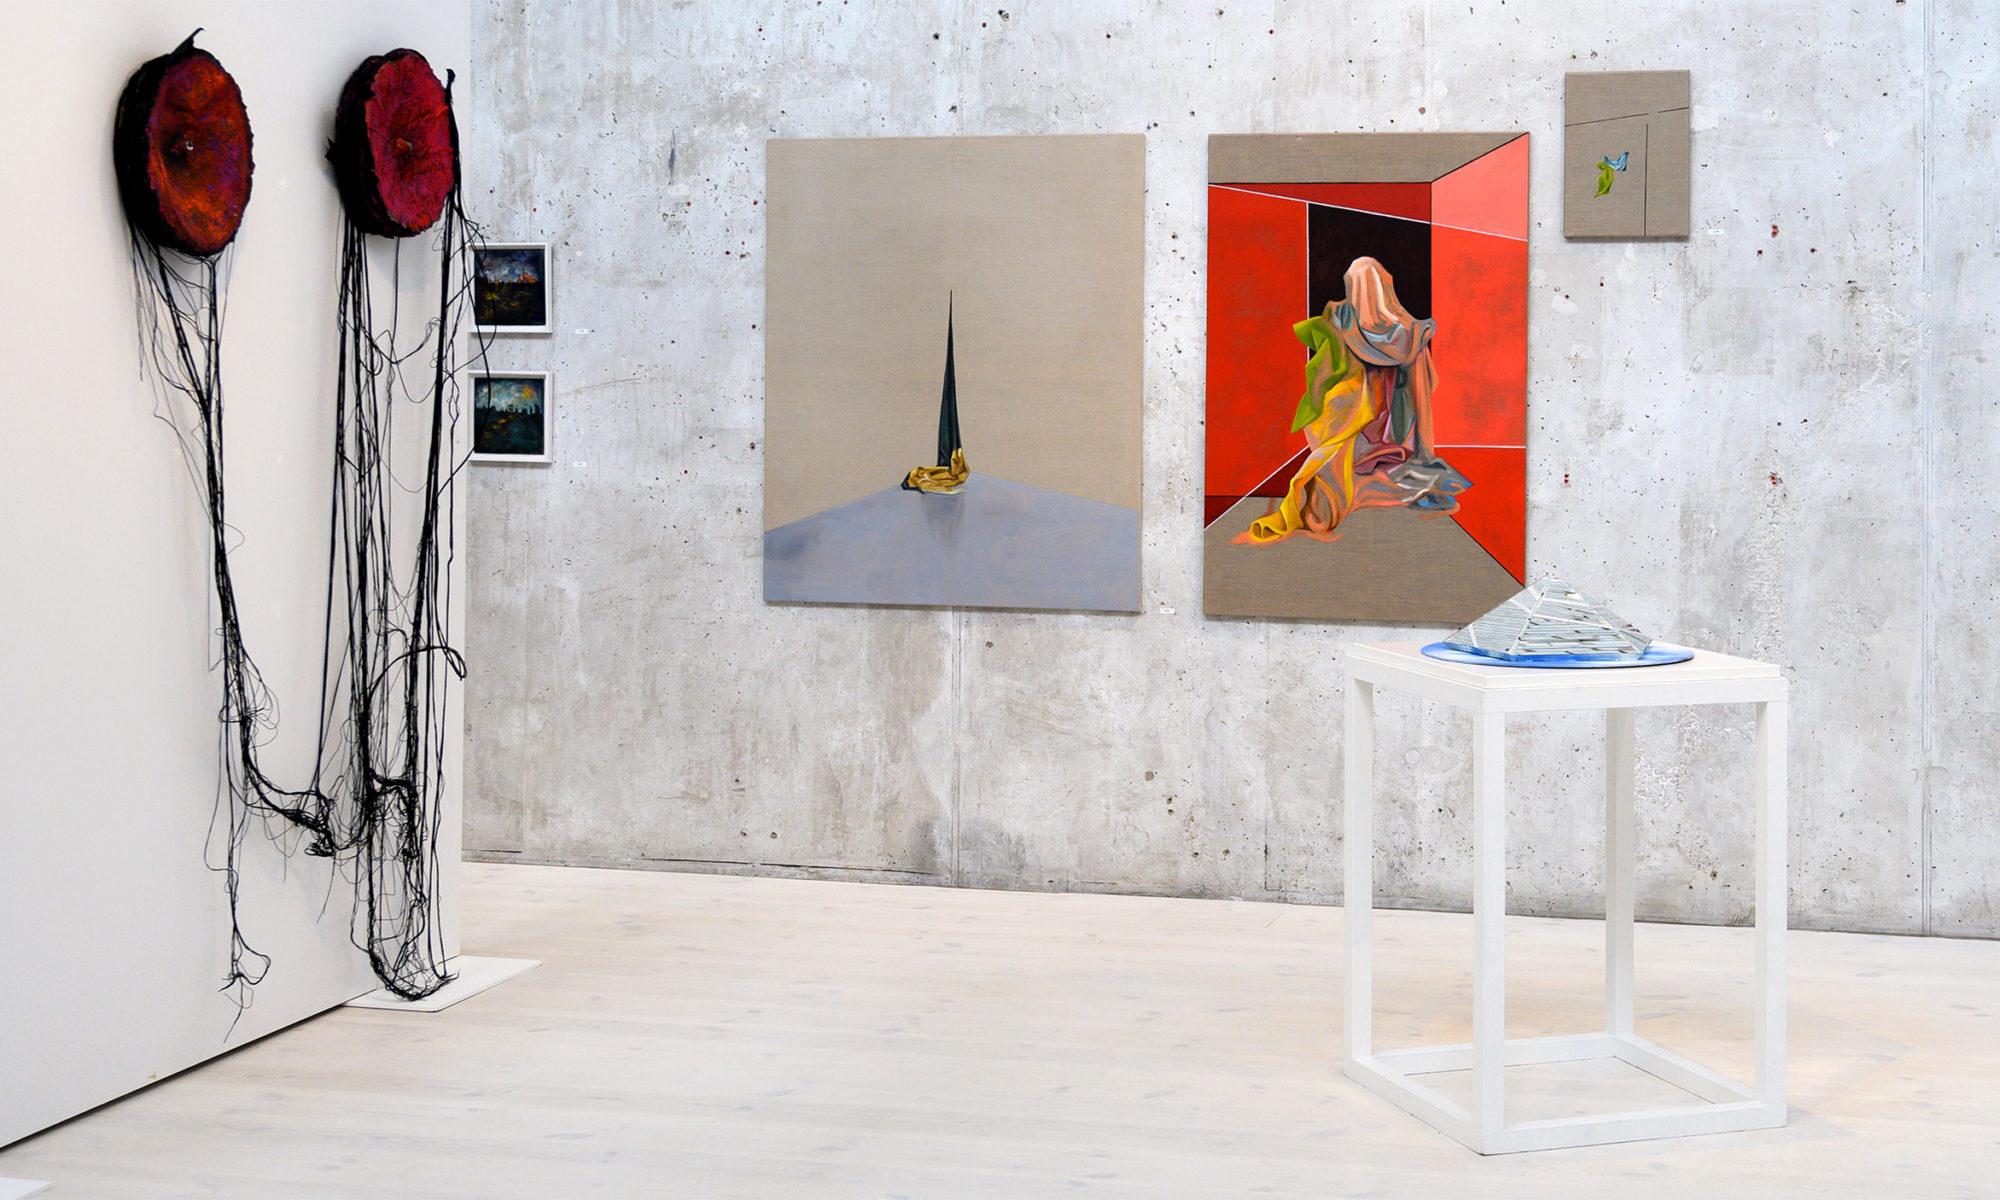 Delar av en utställningssal med konstverk i röda toner mot en grå betongvägg